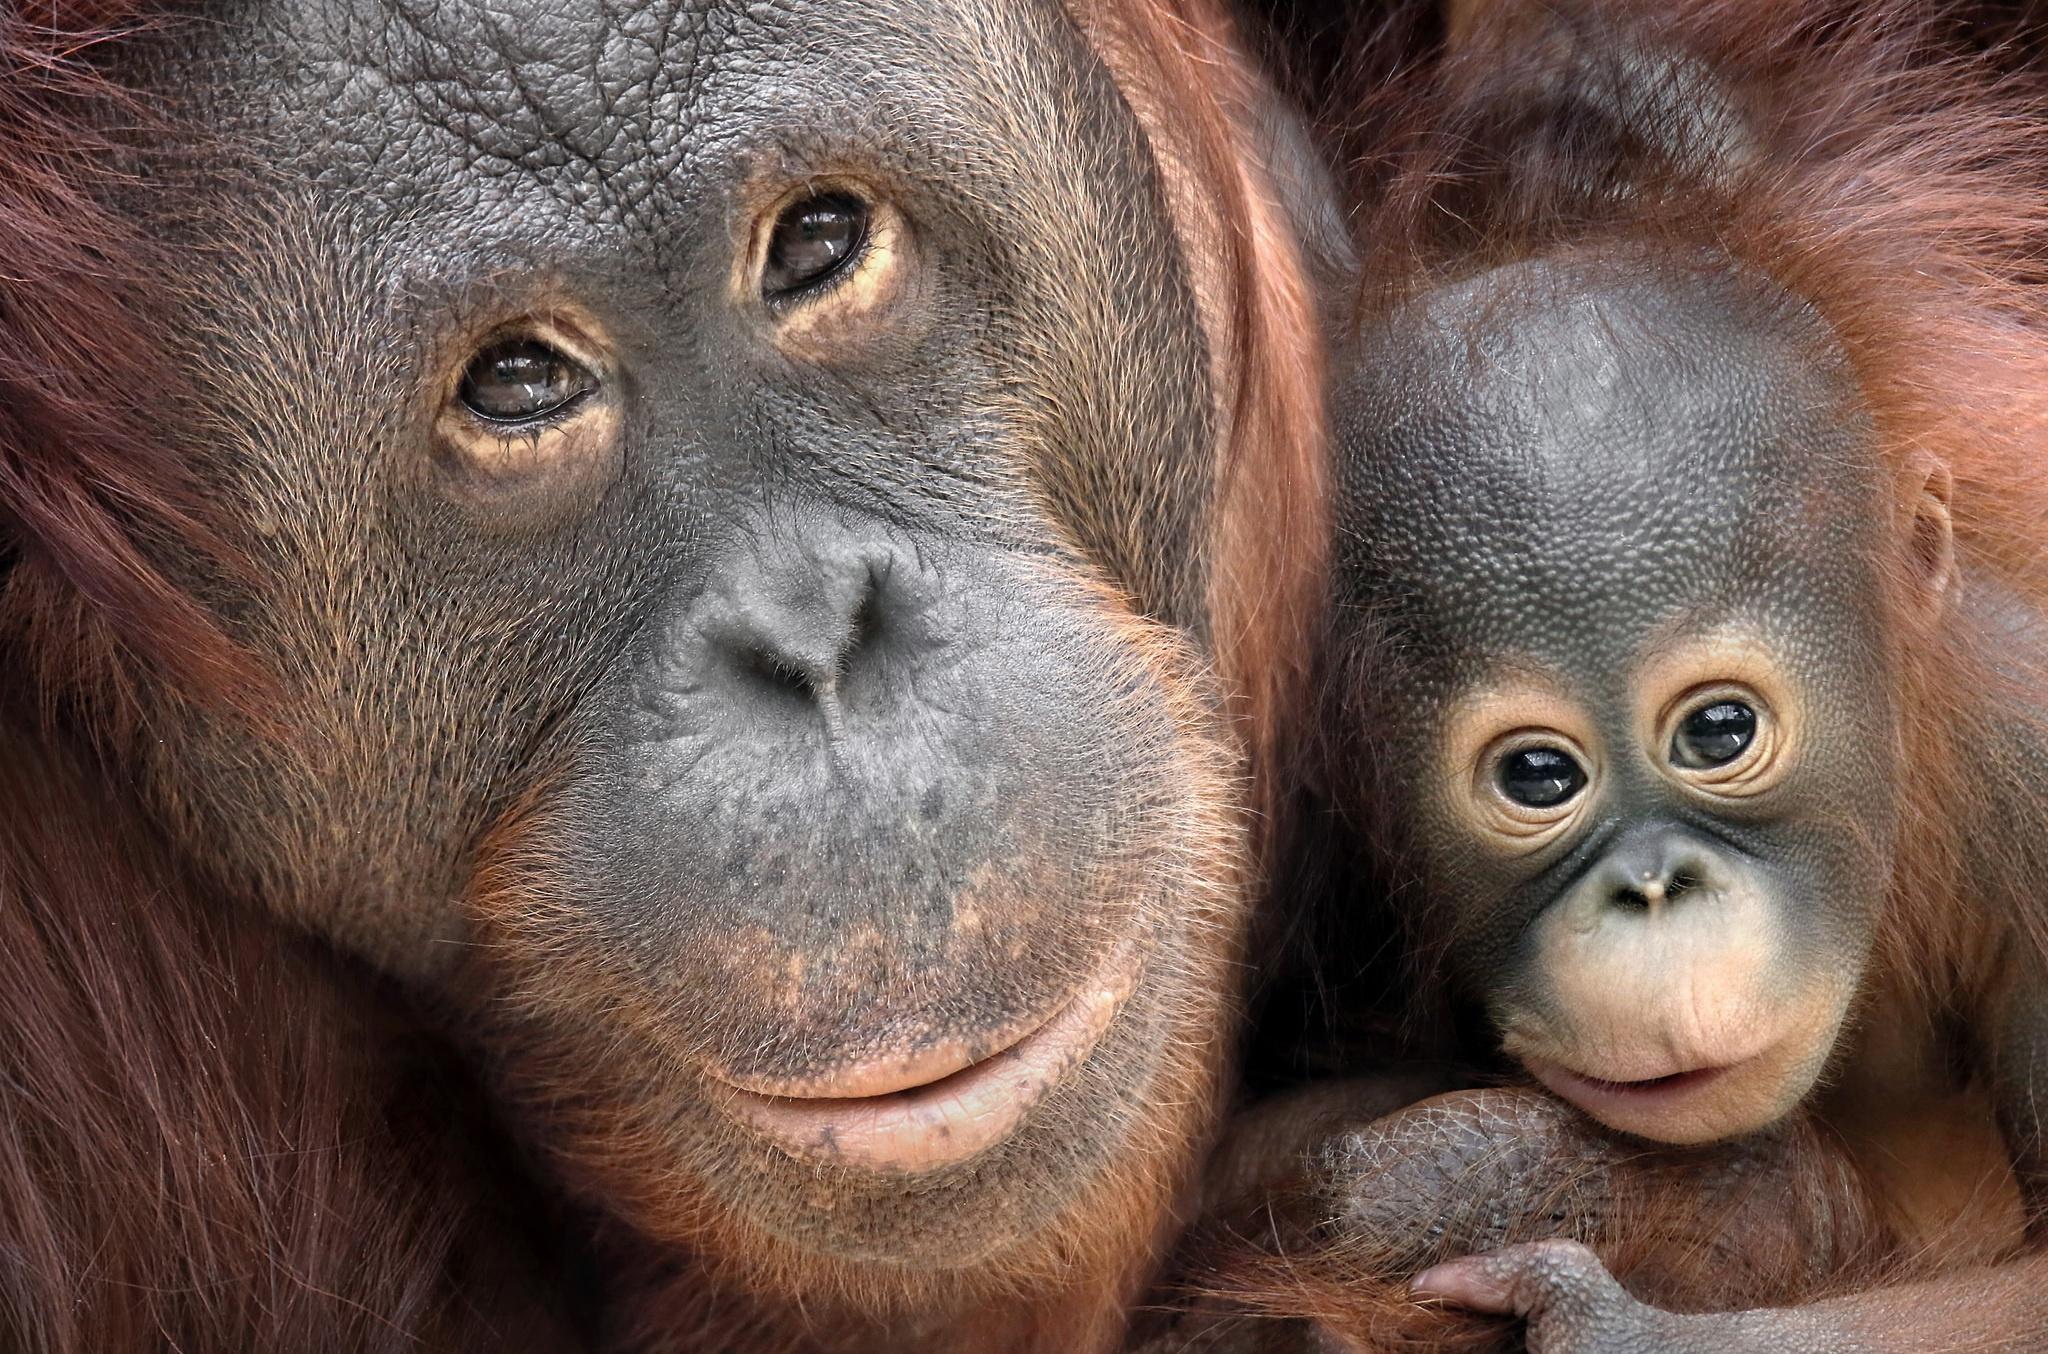 меня картинки обезьяны и детеныша время никто оспаривал